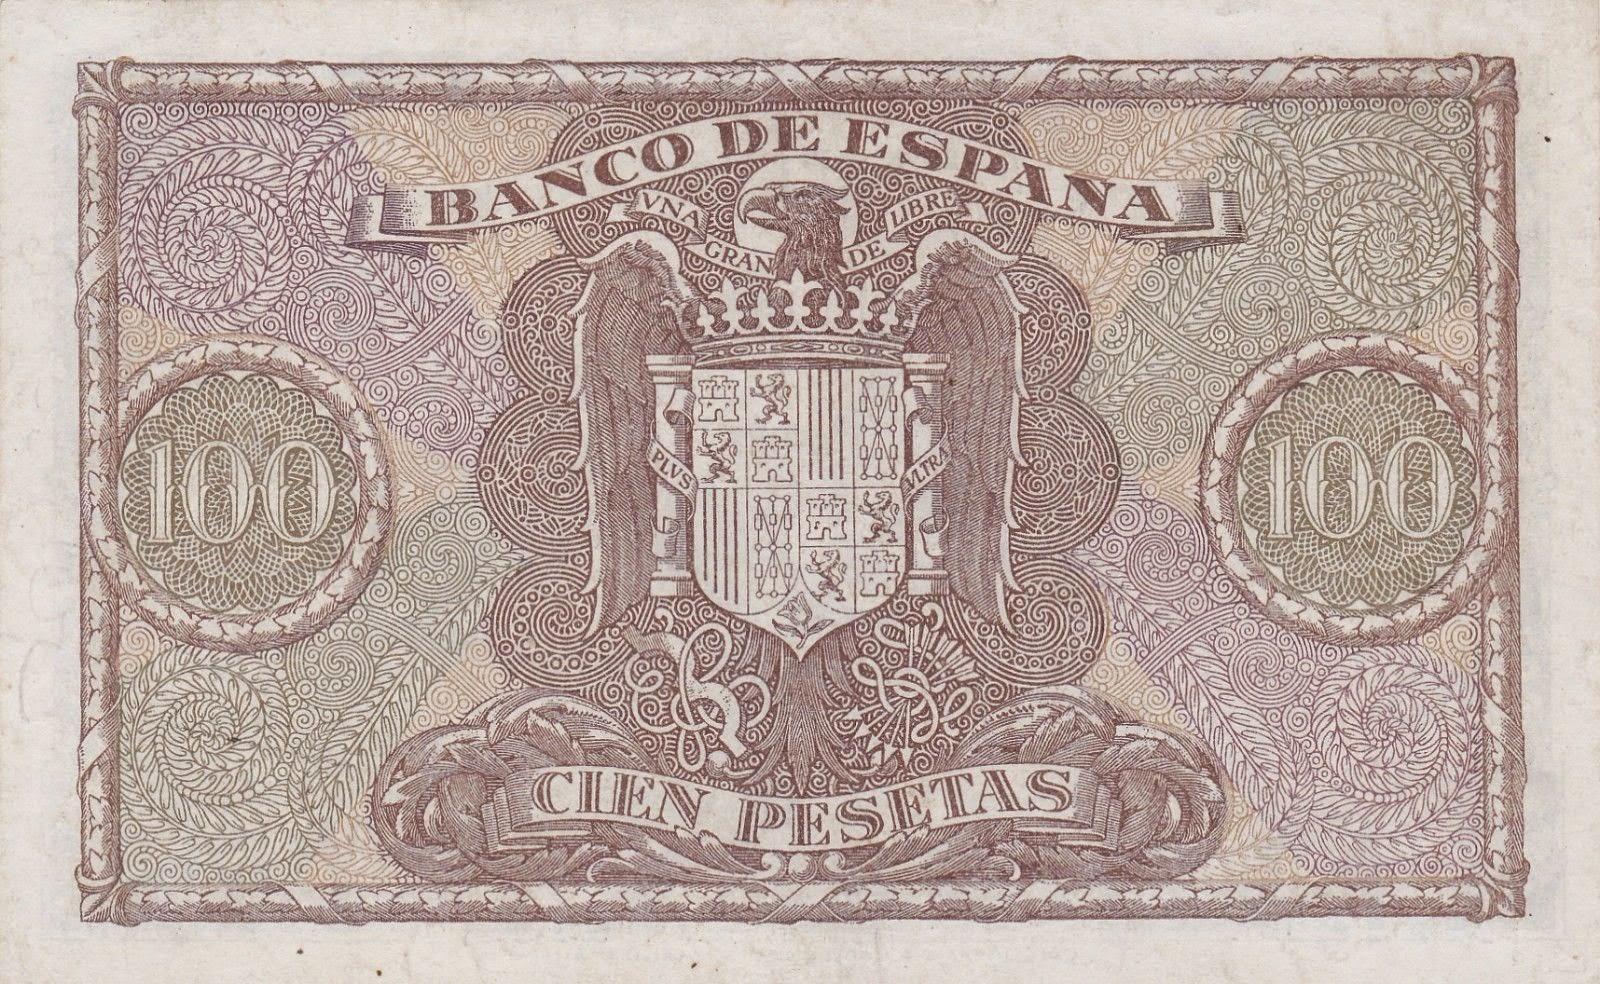 Spain money currency 100 Pesetas banknote 1940 Coat of arms of Spain